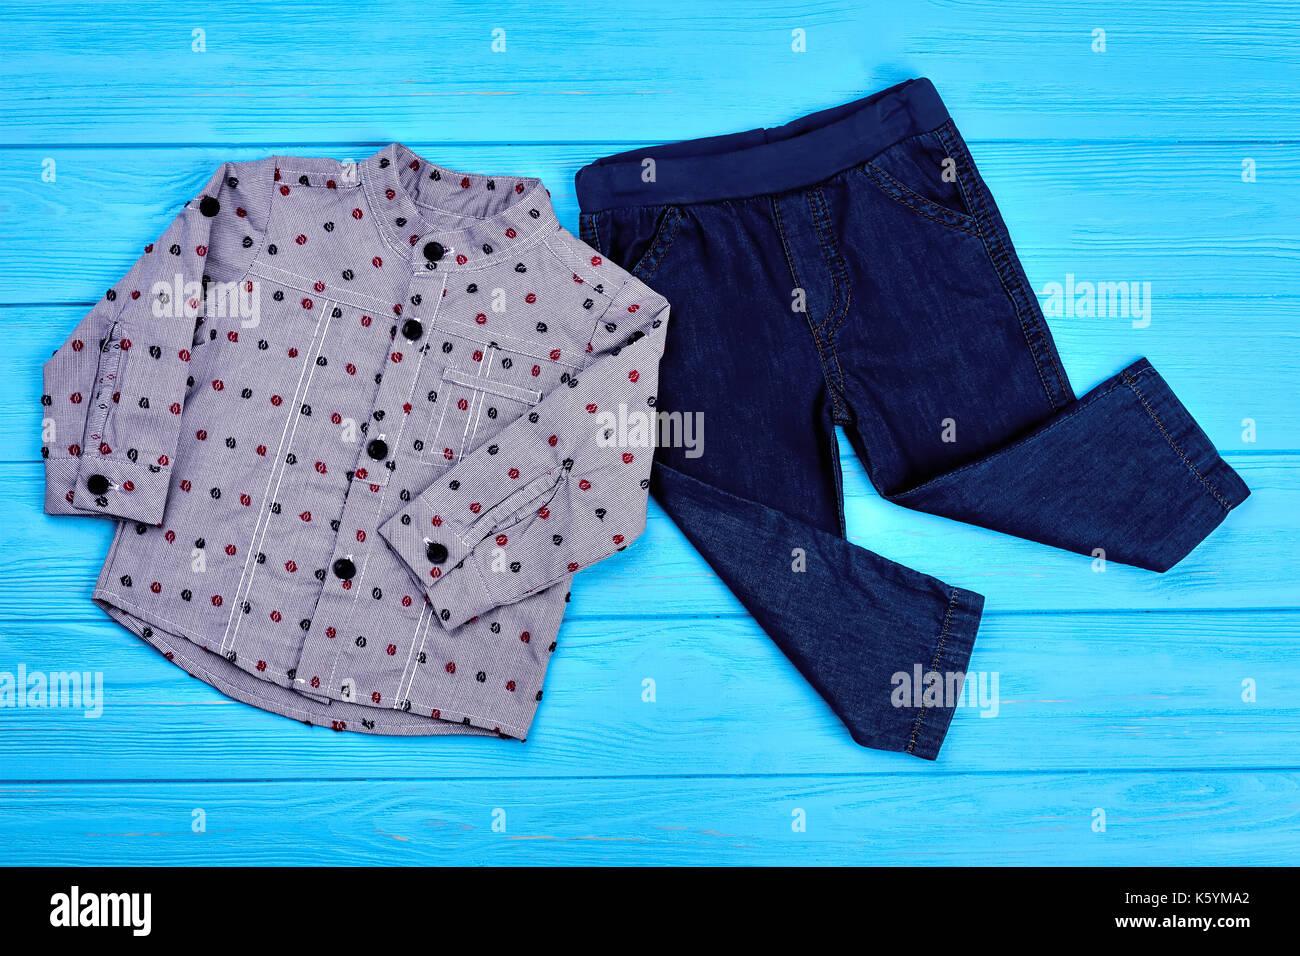 22563e3809606 Bébé-garçon denim moderne. vêtements bébé garçon fashion design jeans et chemise  bleu sur fond de bois